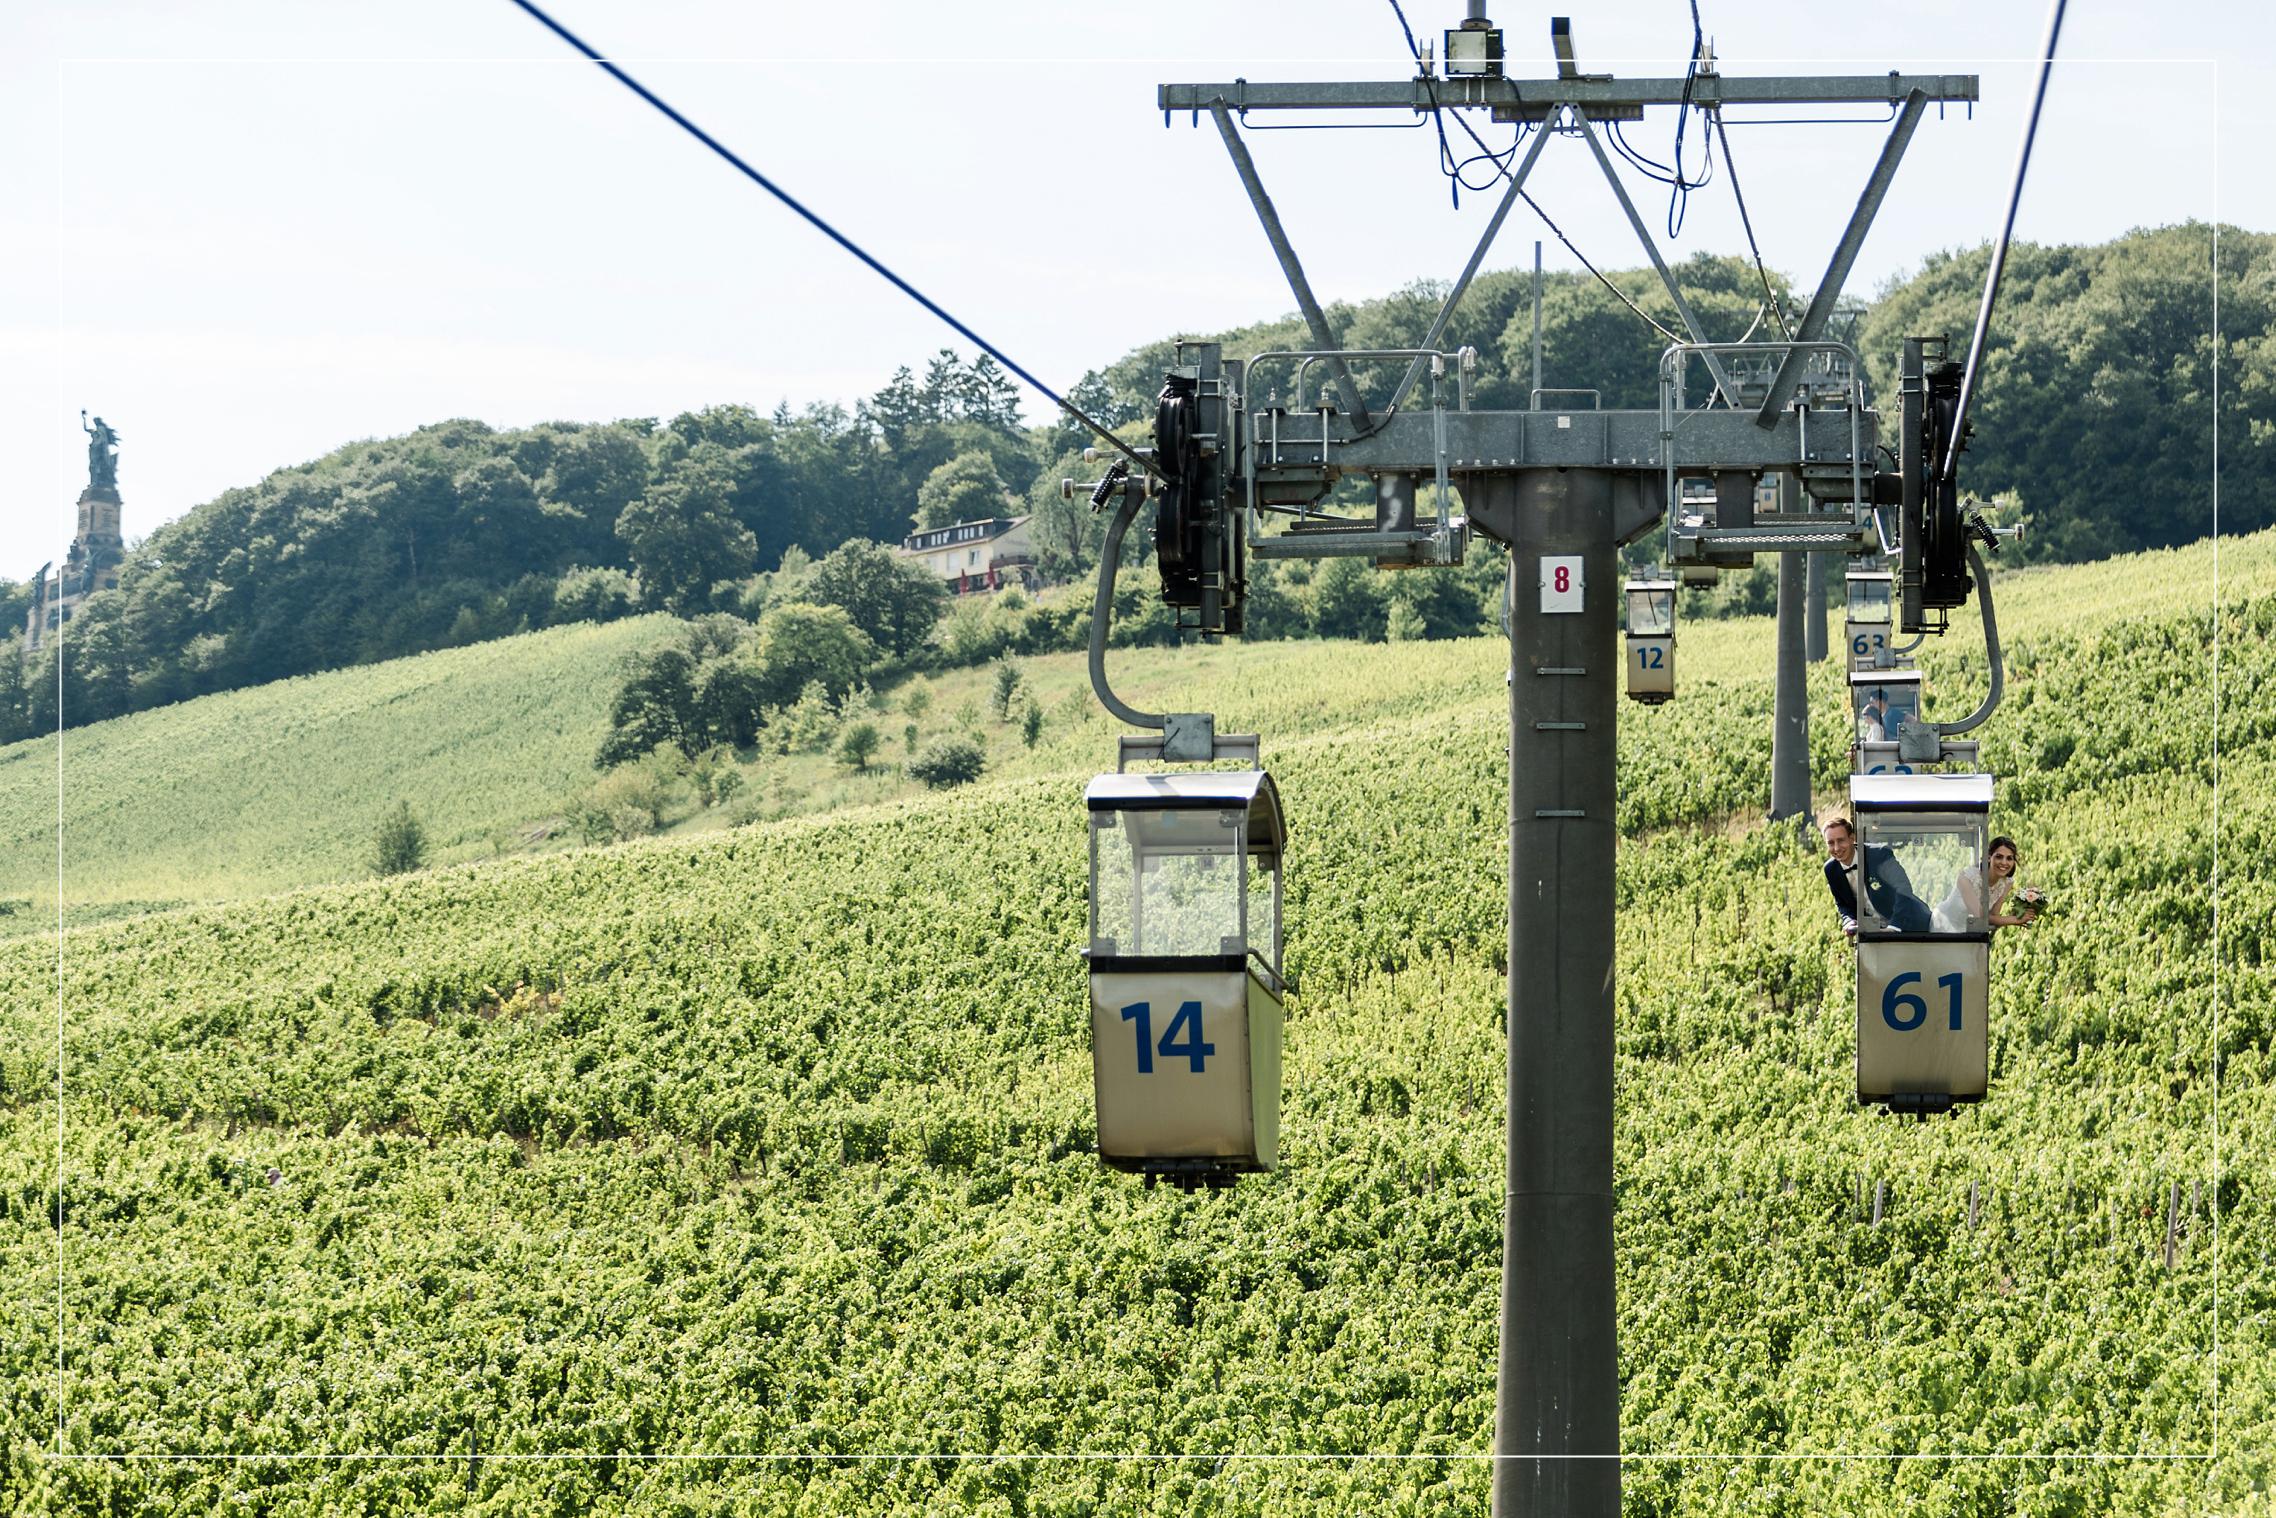 Hochzeitsreportage im Rheingau - das Brautpaar schwebt in der Seilbahn über den Weinbergen von Rüdesheim.